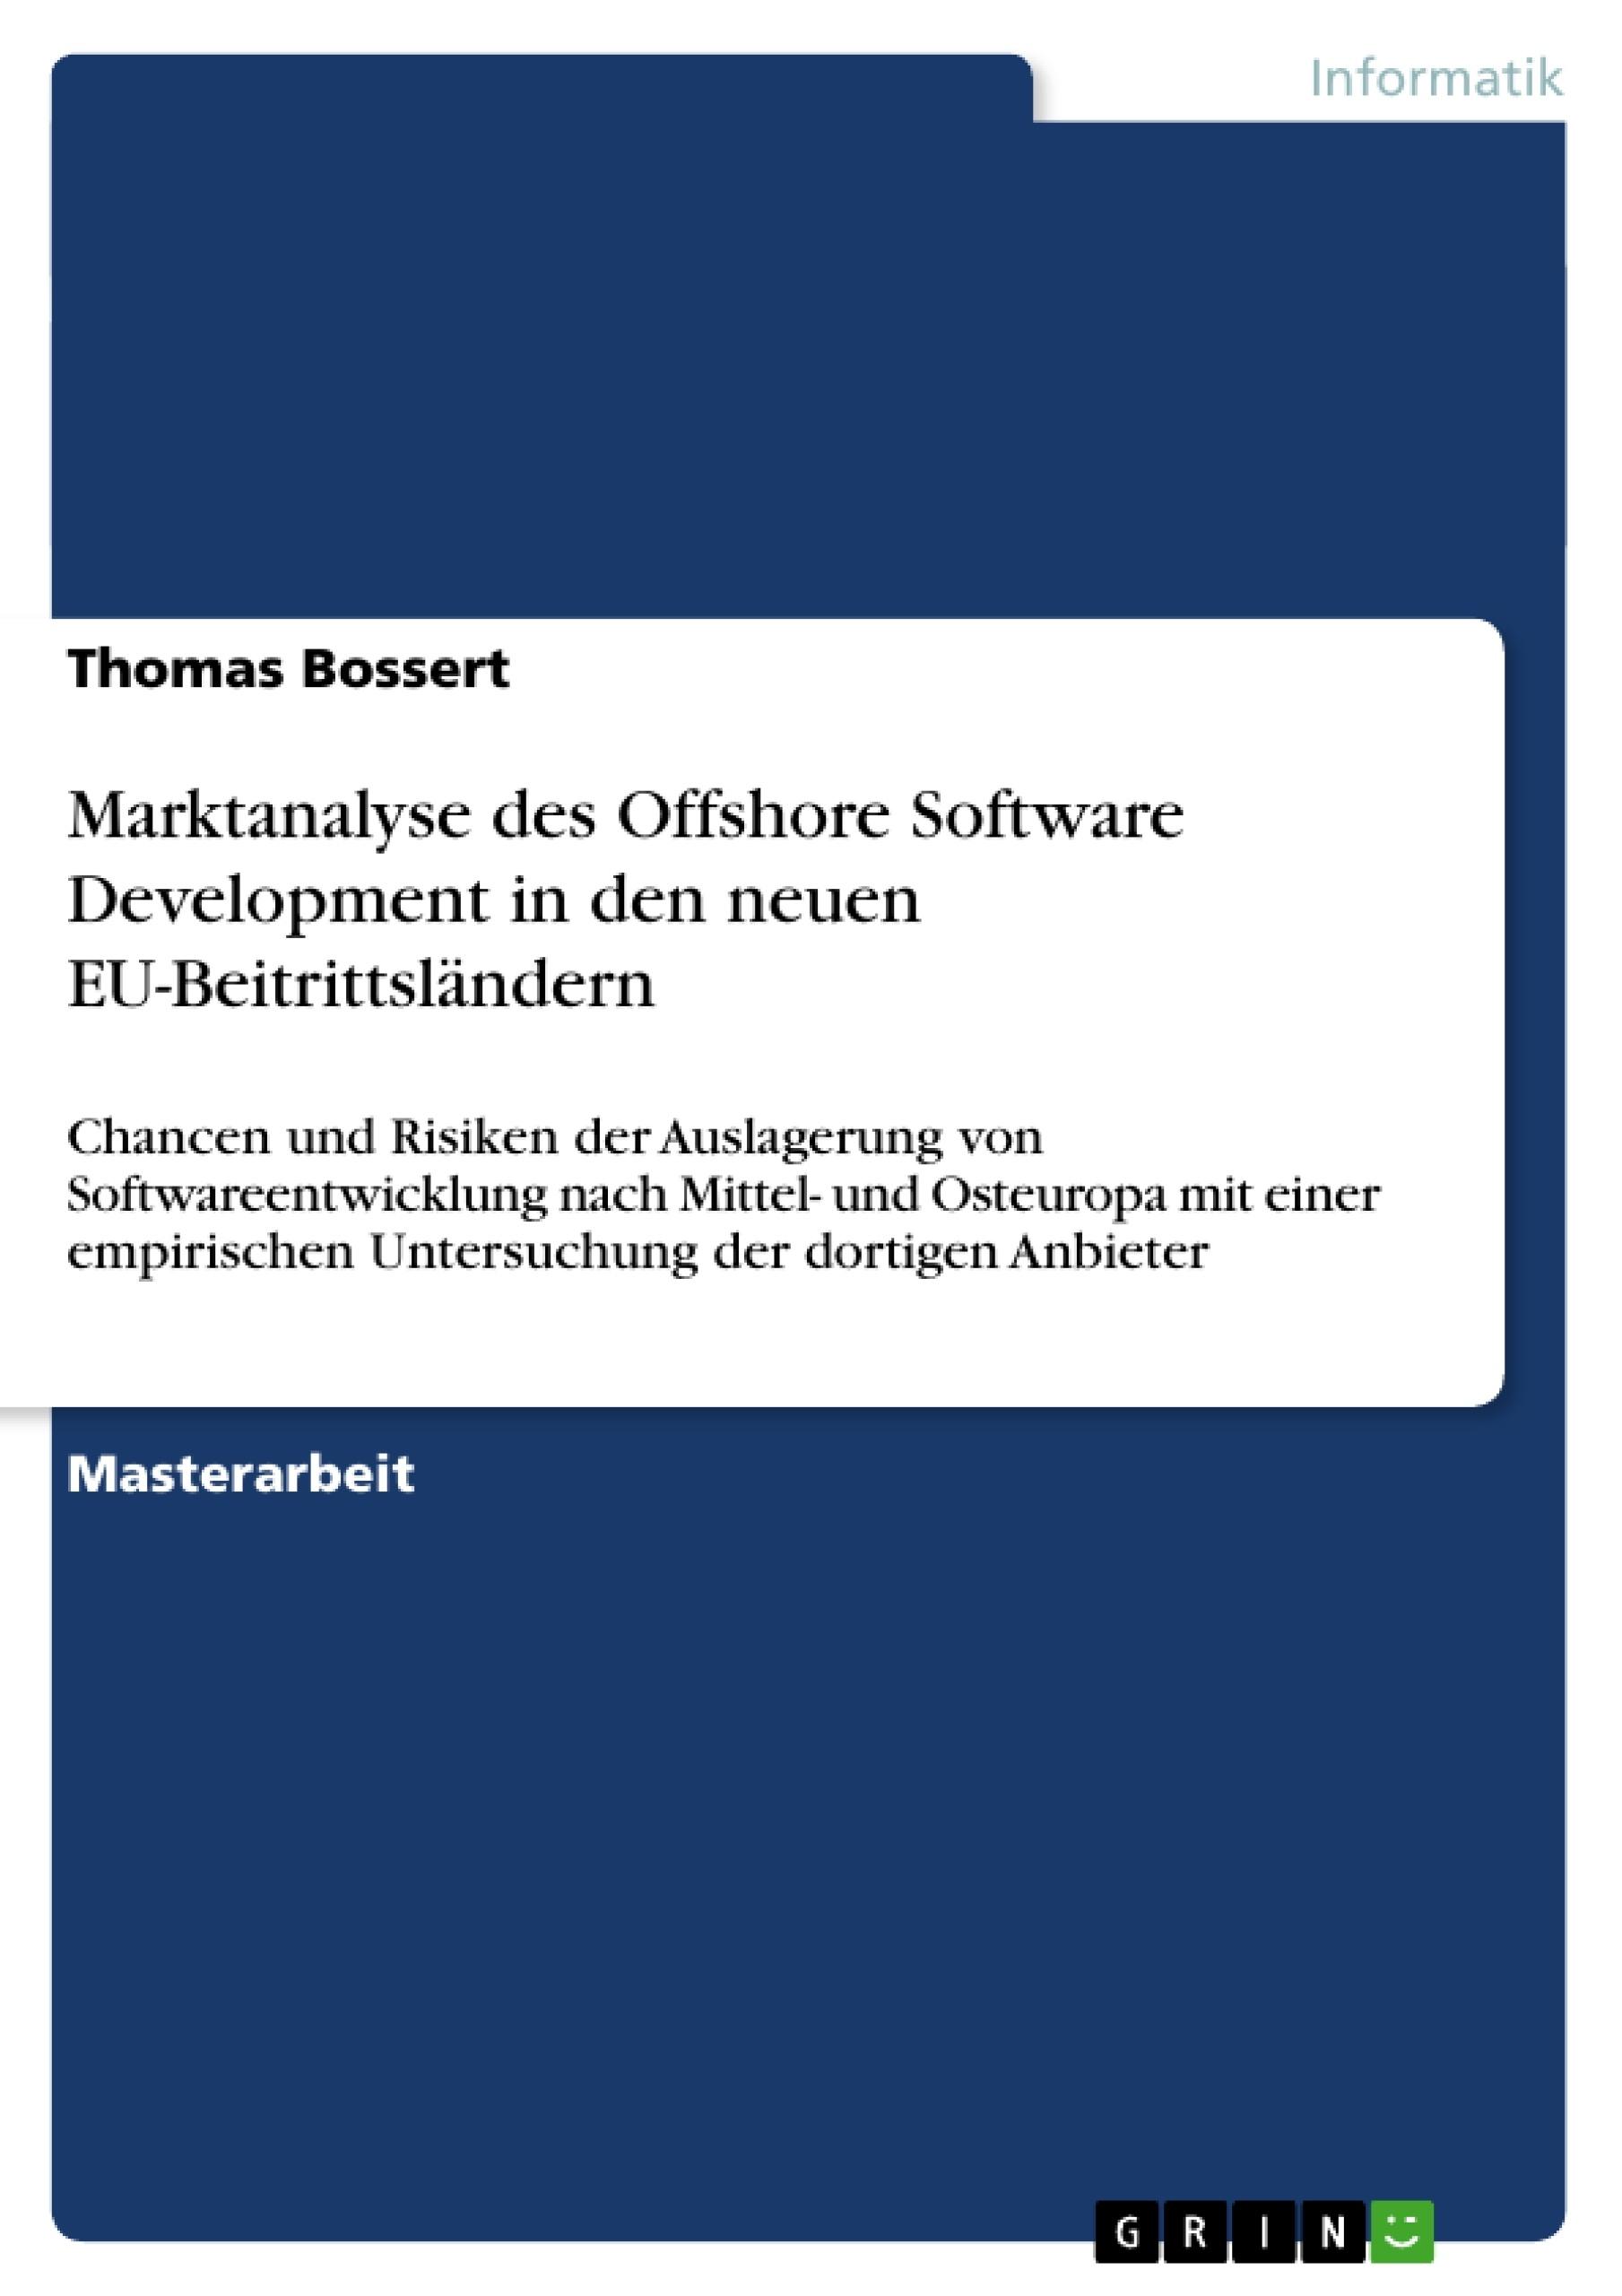 Titel: Marktanalyse des Offshore Software Development in den neuen EU-Beitrittsländern